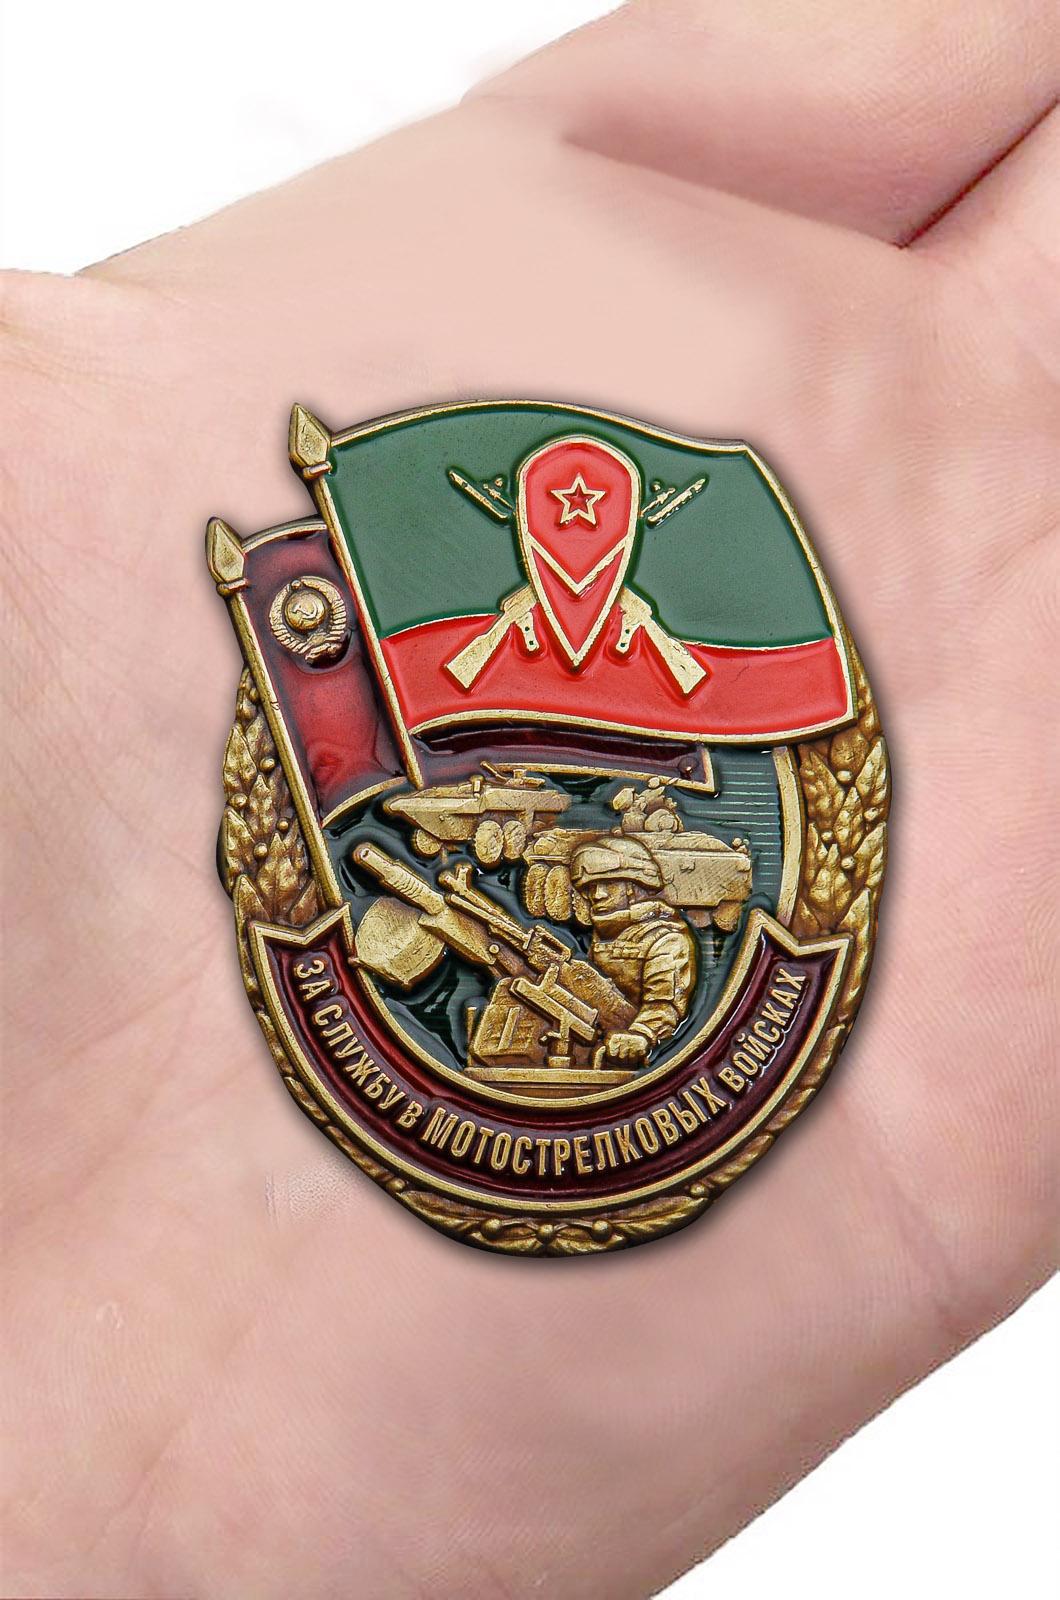 Заказать знак За службу в Мотострелковых войсках